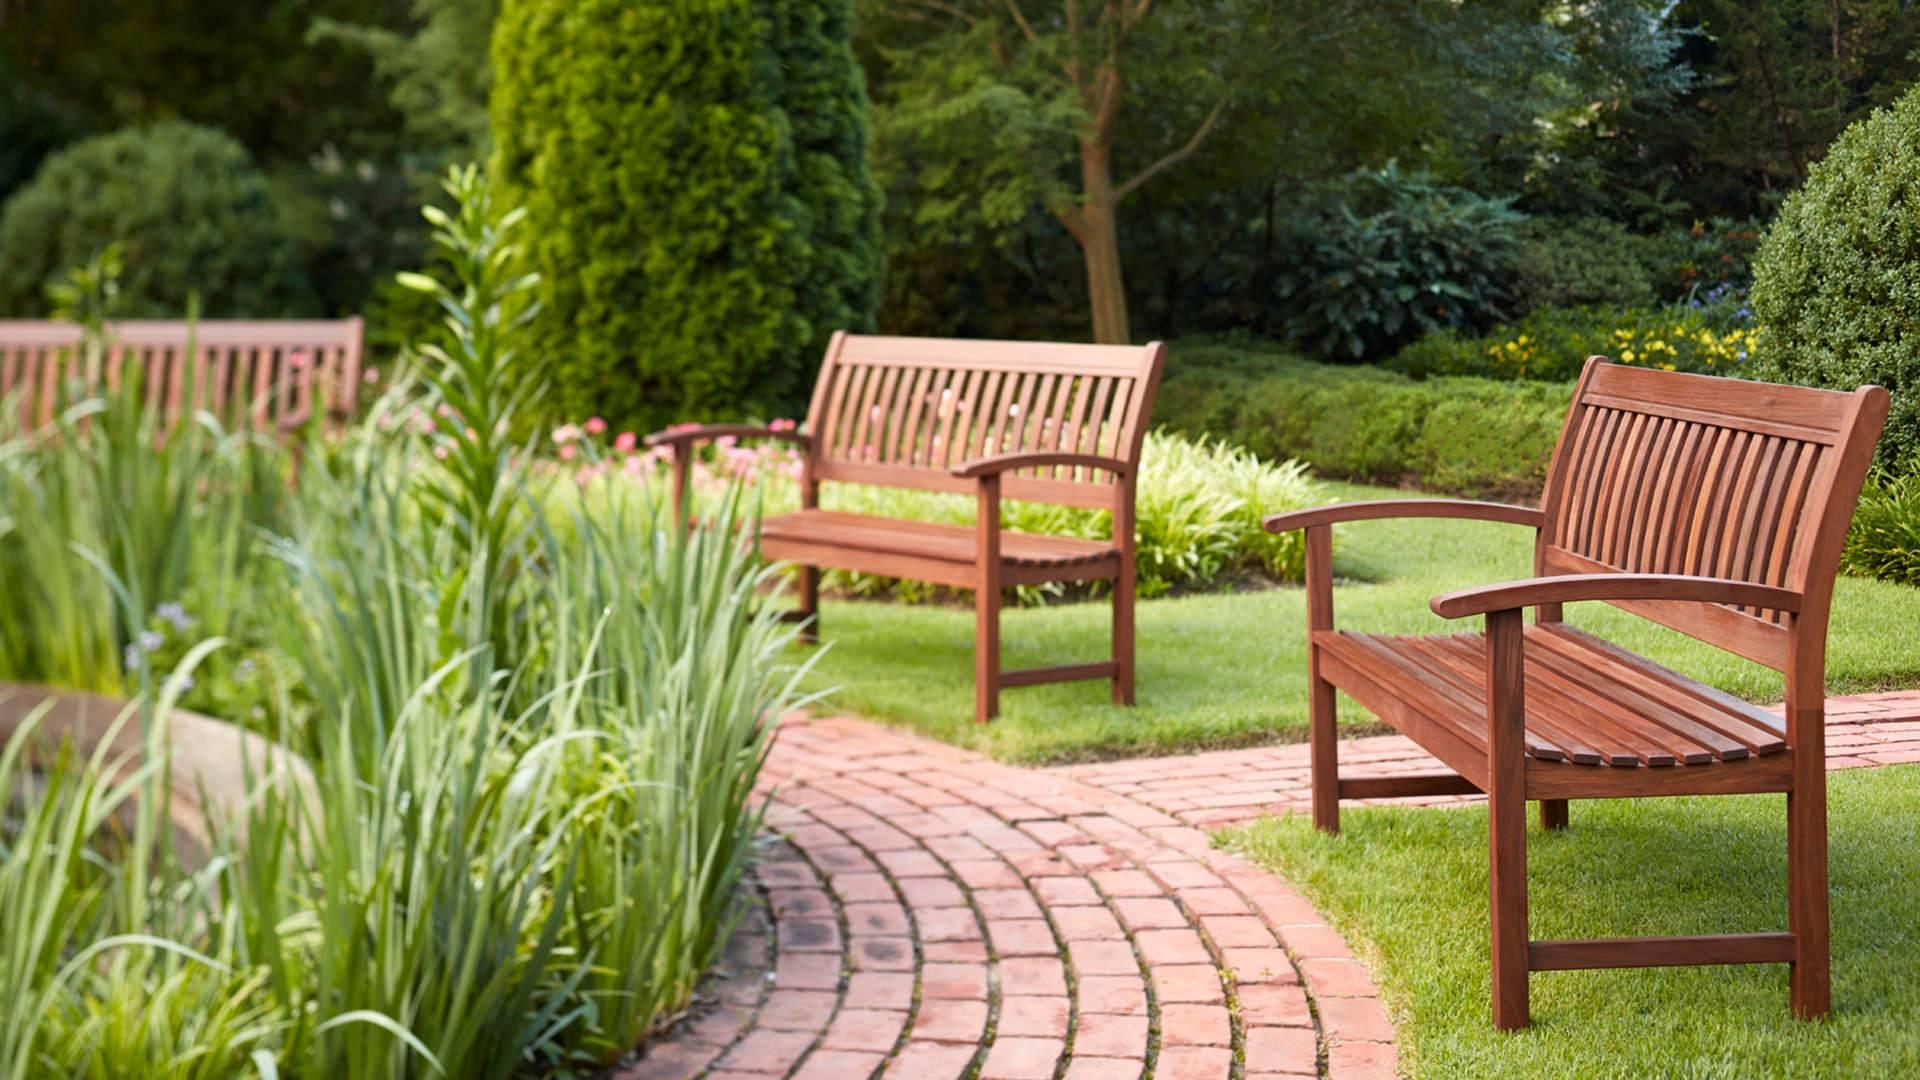 Скамейка для дачи как элемент ландшафтного дизайна: целевое назначение, материалы изготовления, конструкции